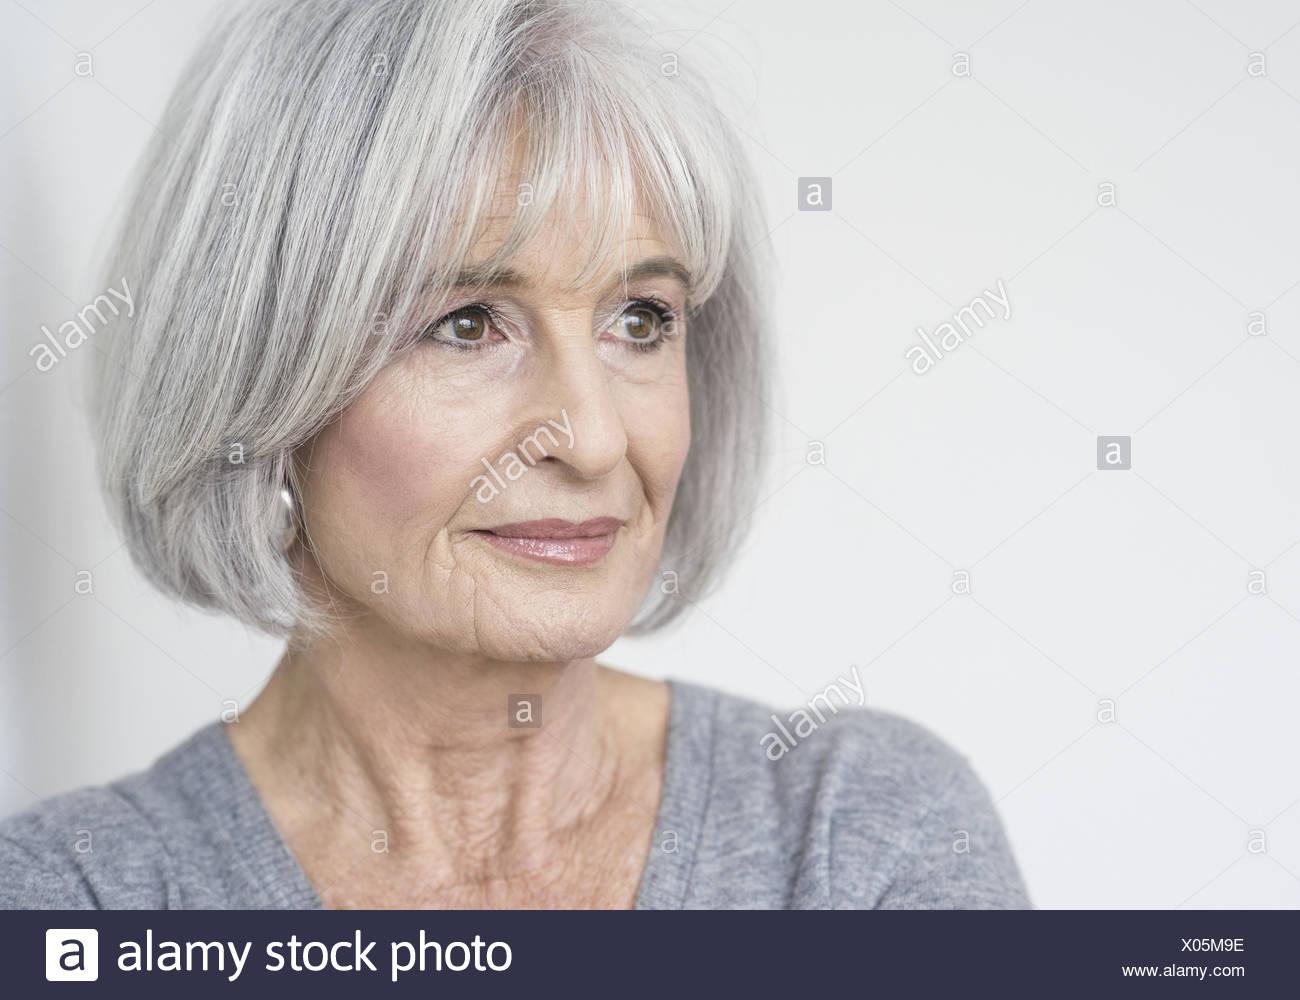 Haare frauen graue Kurze Haare